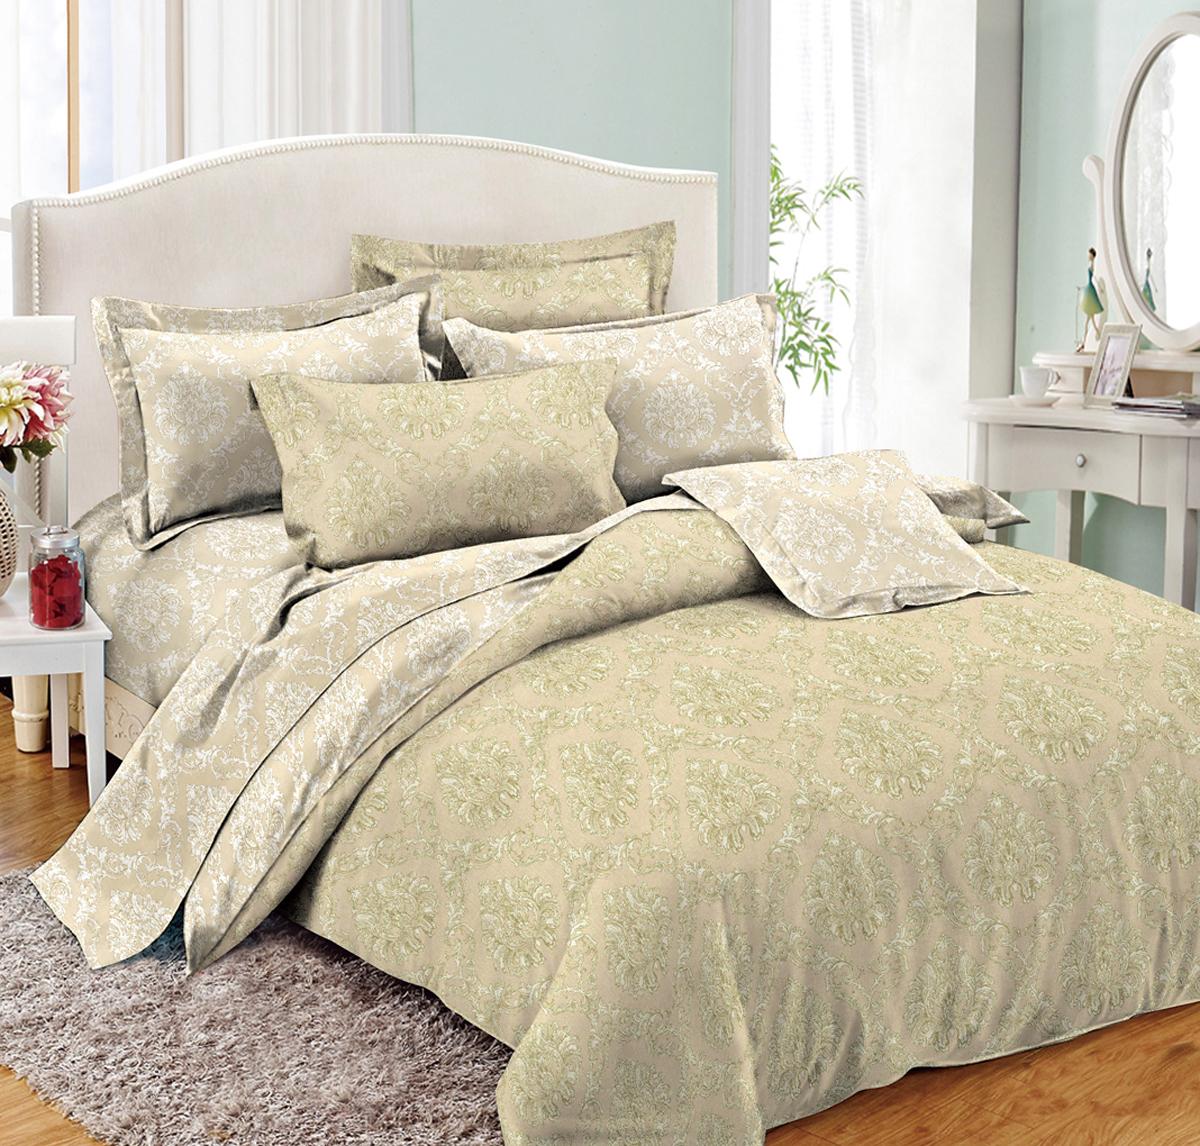 Комплект белья Cleo Сolor Empire, 2-спальный, наволочки 70х70, цвет: светло-бежевый tore brinck green energetic materials